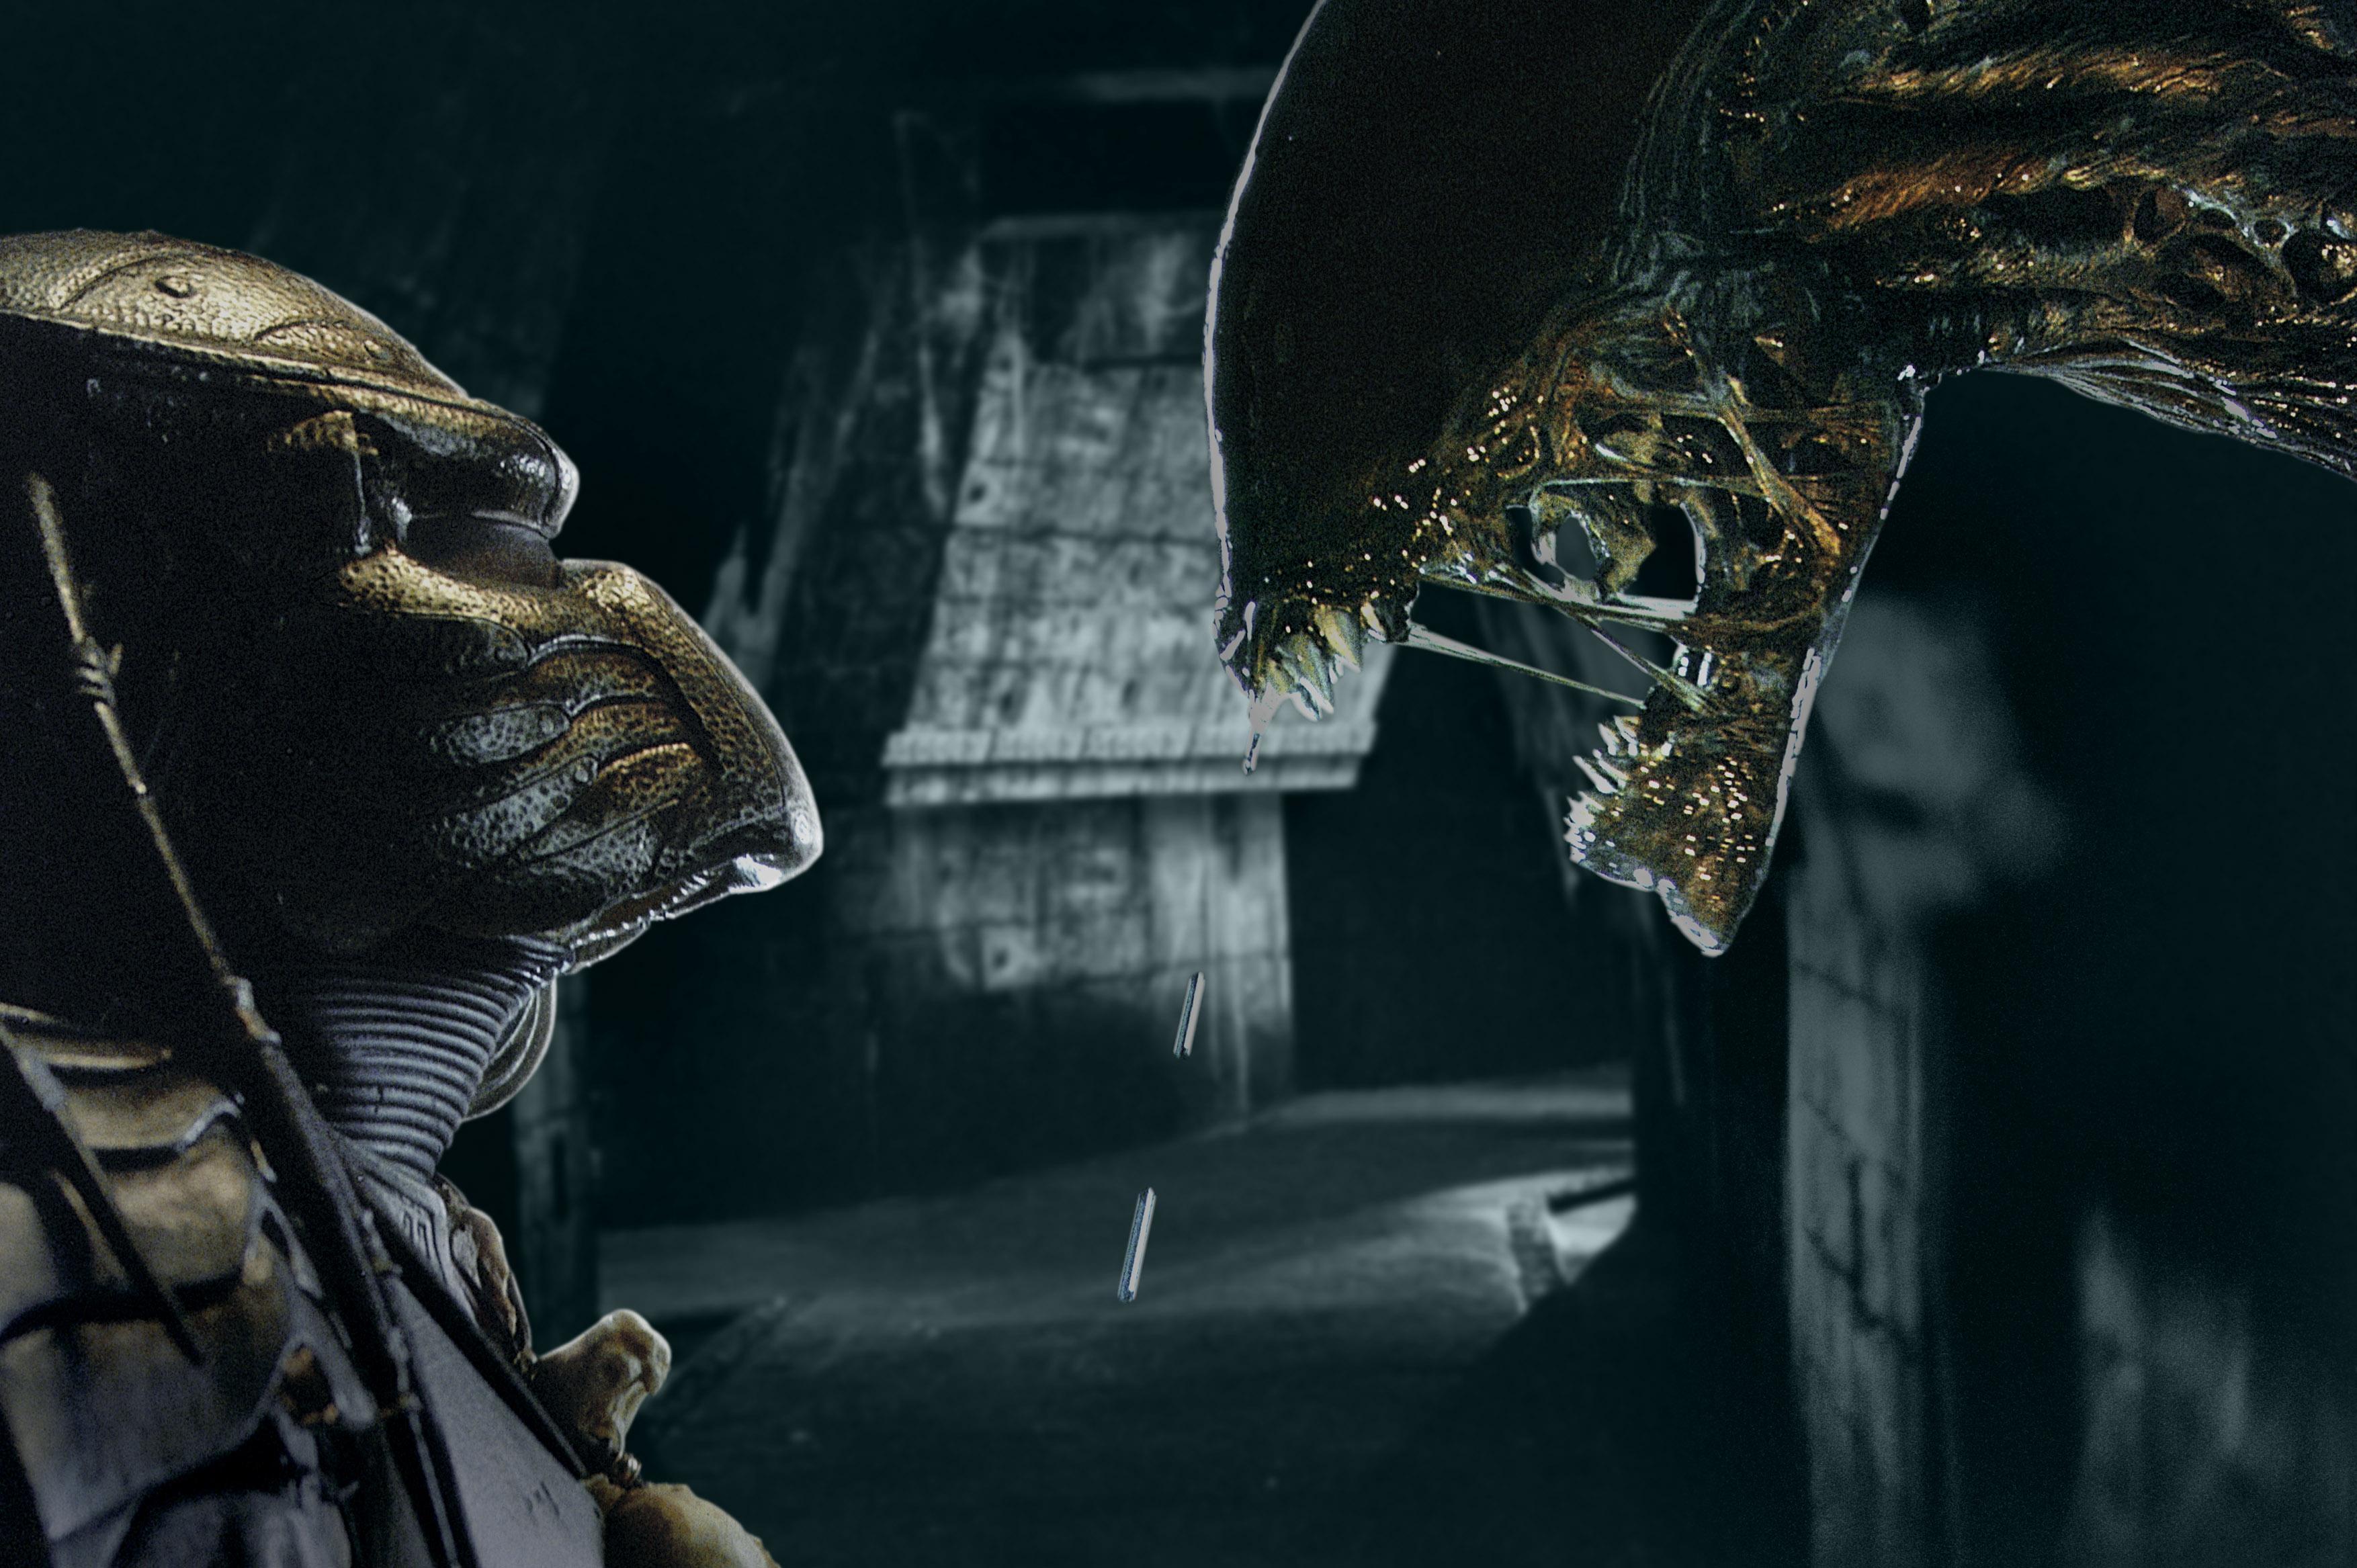 alien vs predator 1 movie - photo #14